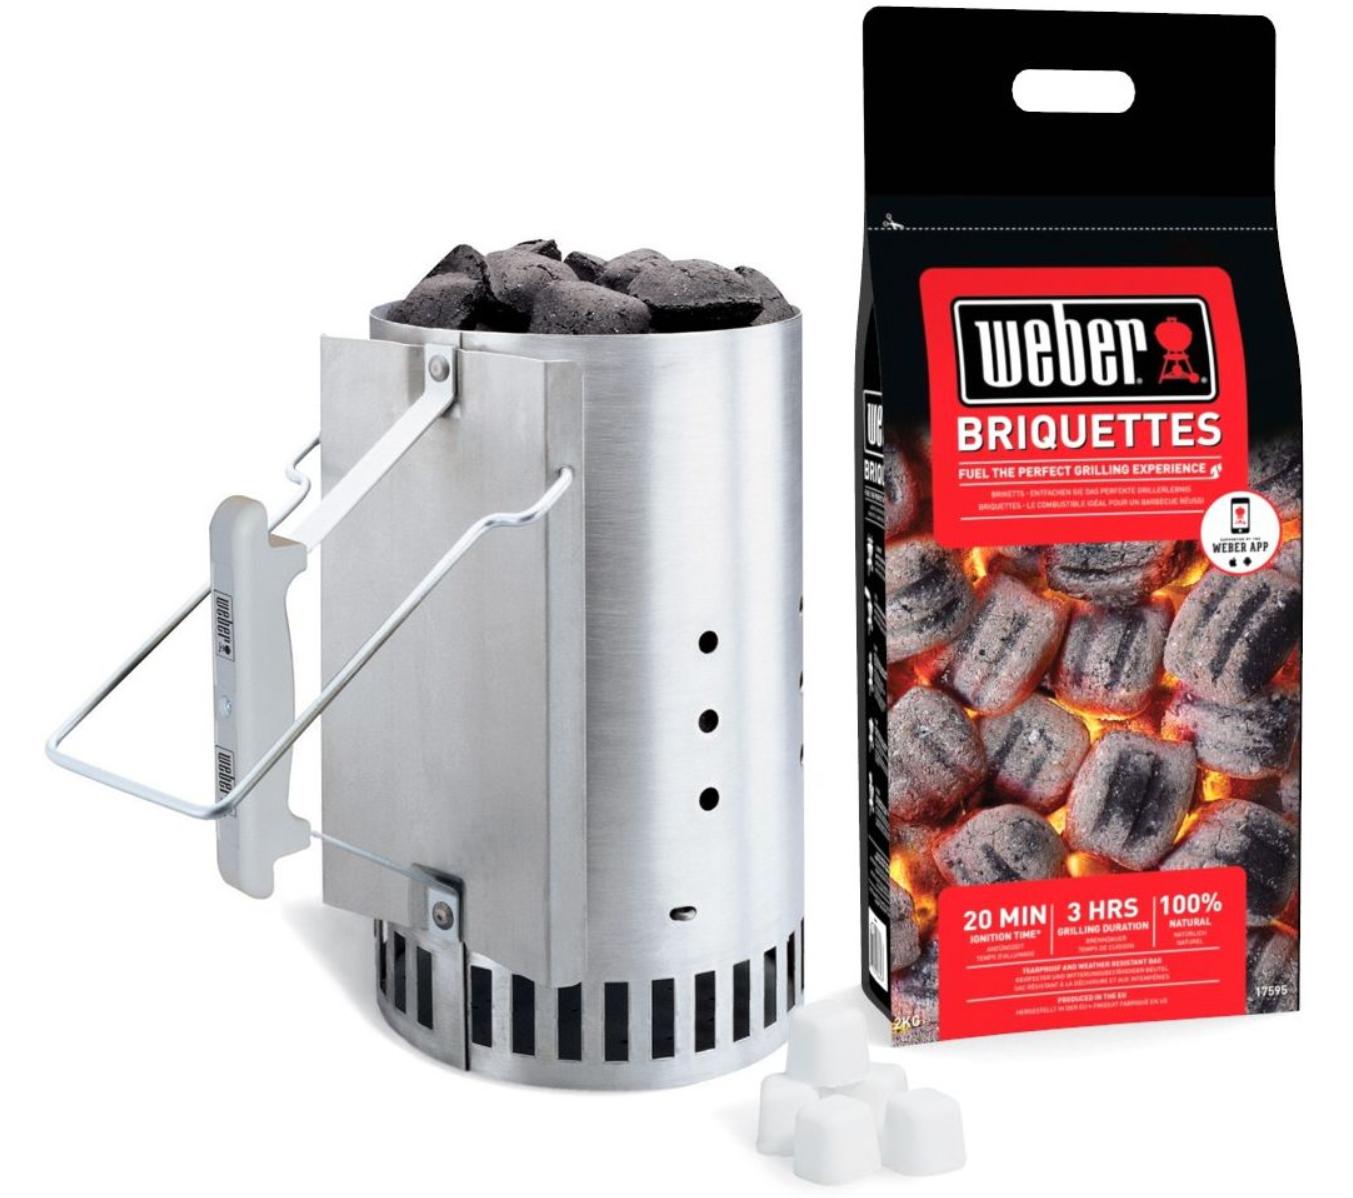 Kit d'allumage Weber RapidFire : Cheminée d'allumage + 2 kg de briquettes + 4 bloc d'allume-feux